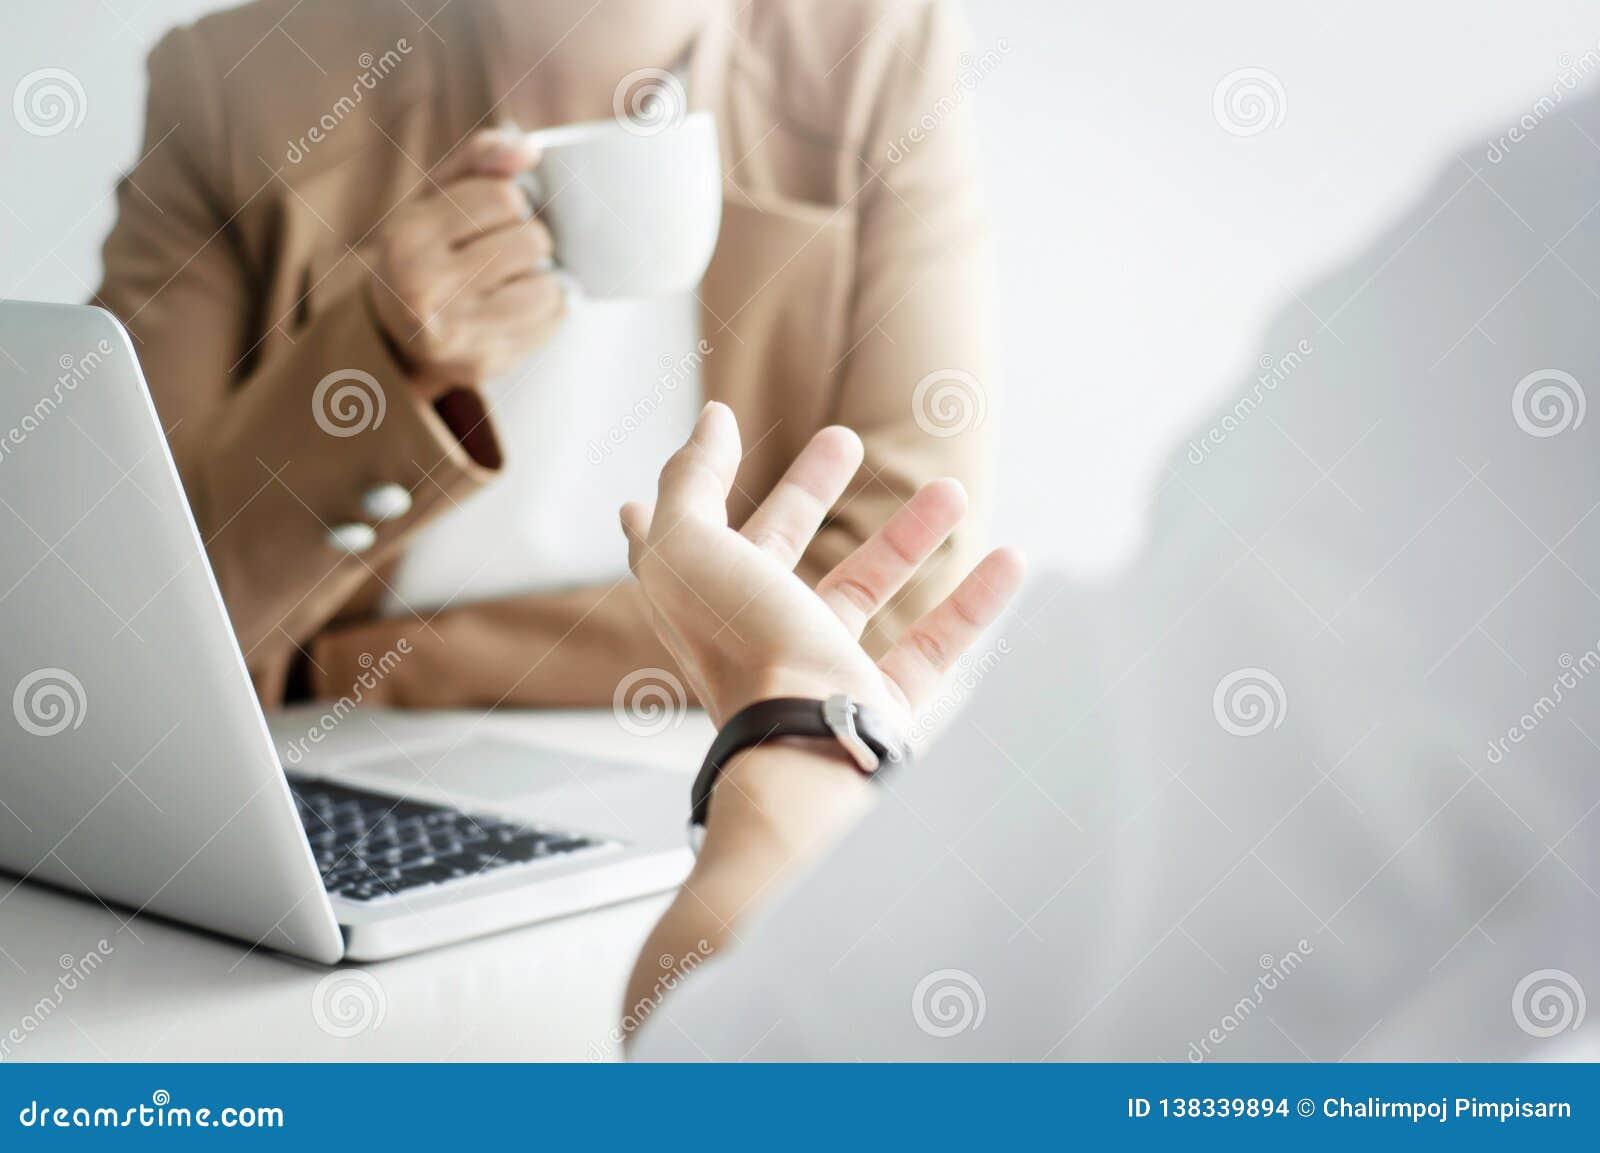 在咖啡馆或工作空间和谈论项目的两位商业主管友谊